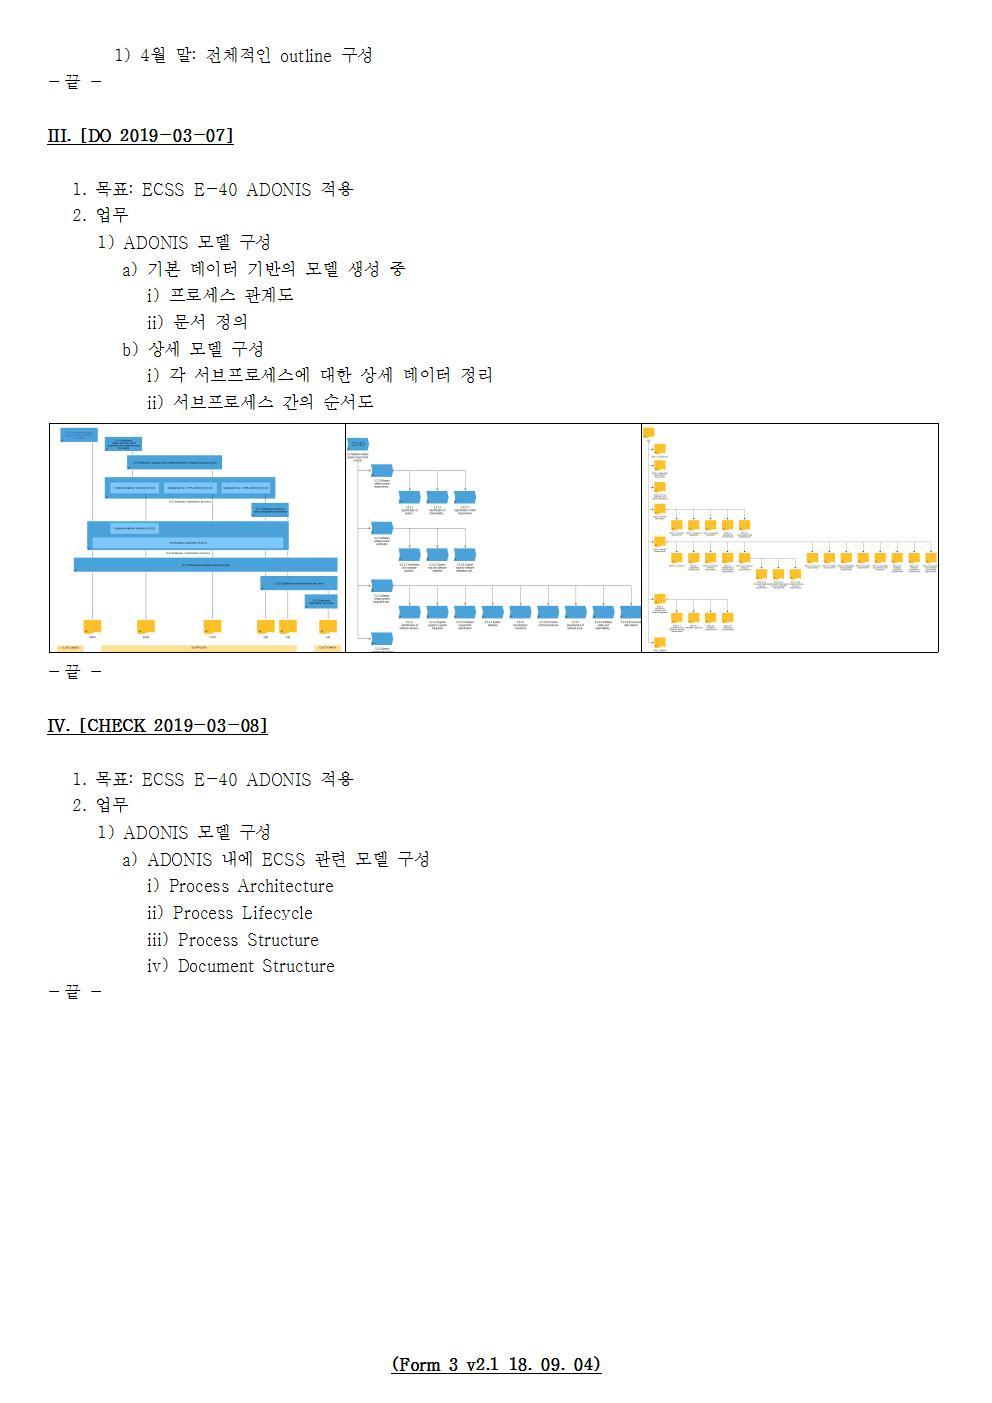 D-[19-004-RD-04]-[CMS]-[2019-03-08][YB]002.jpg